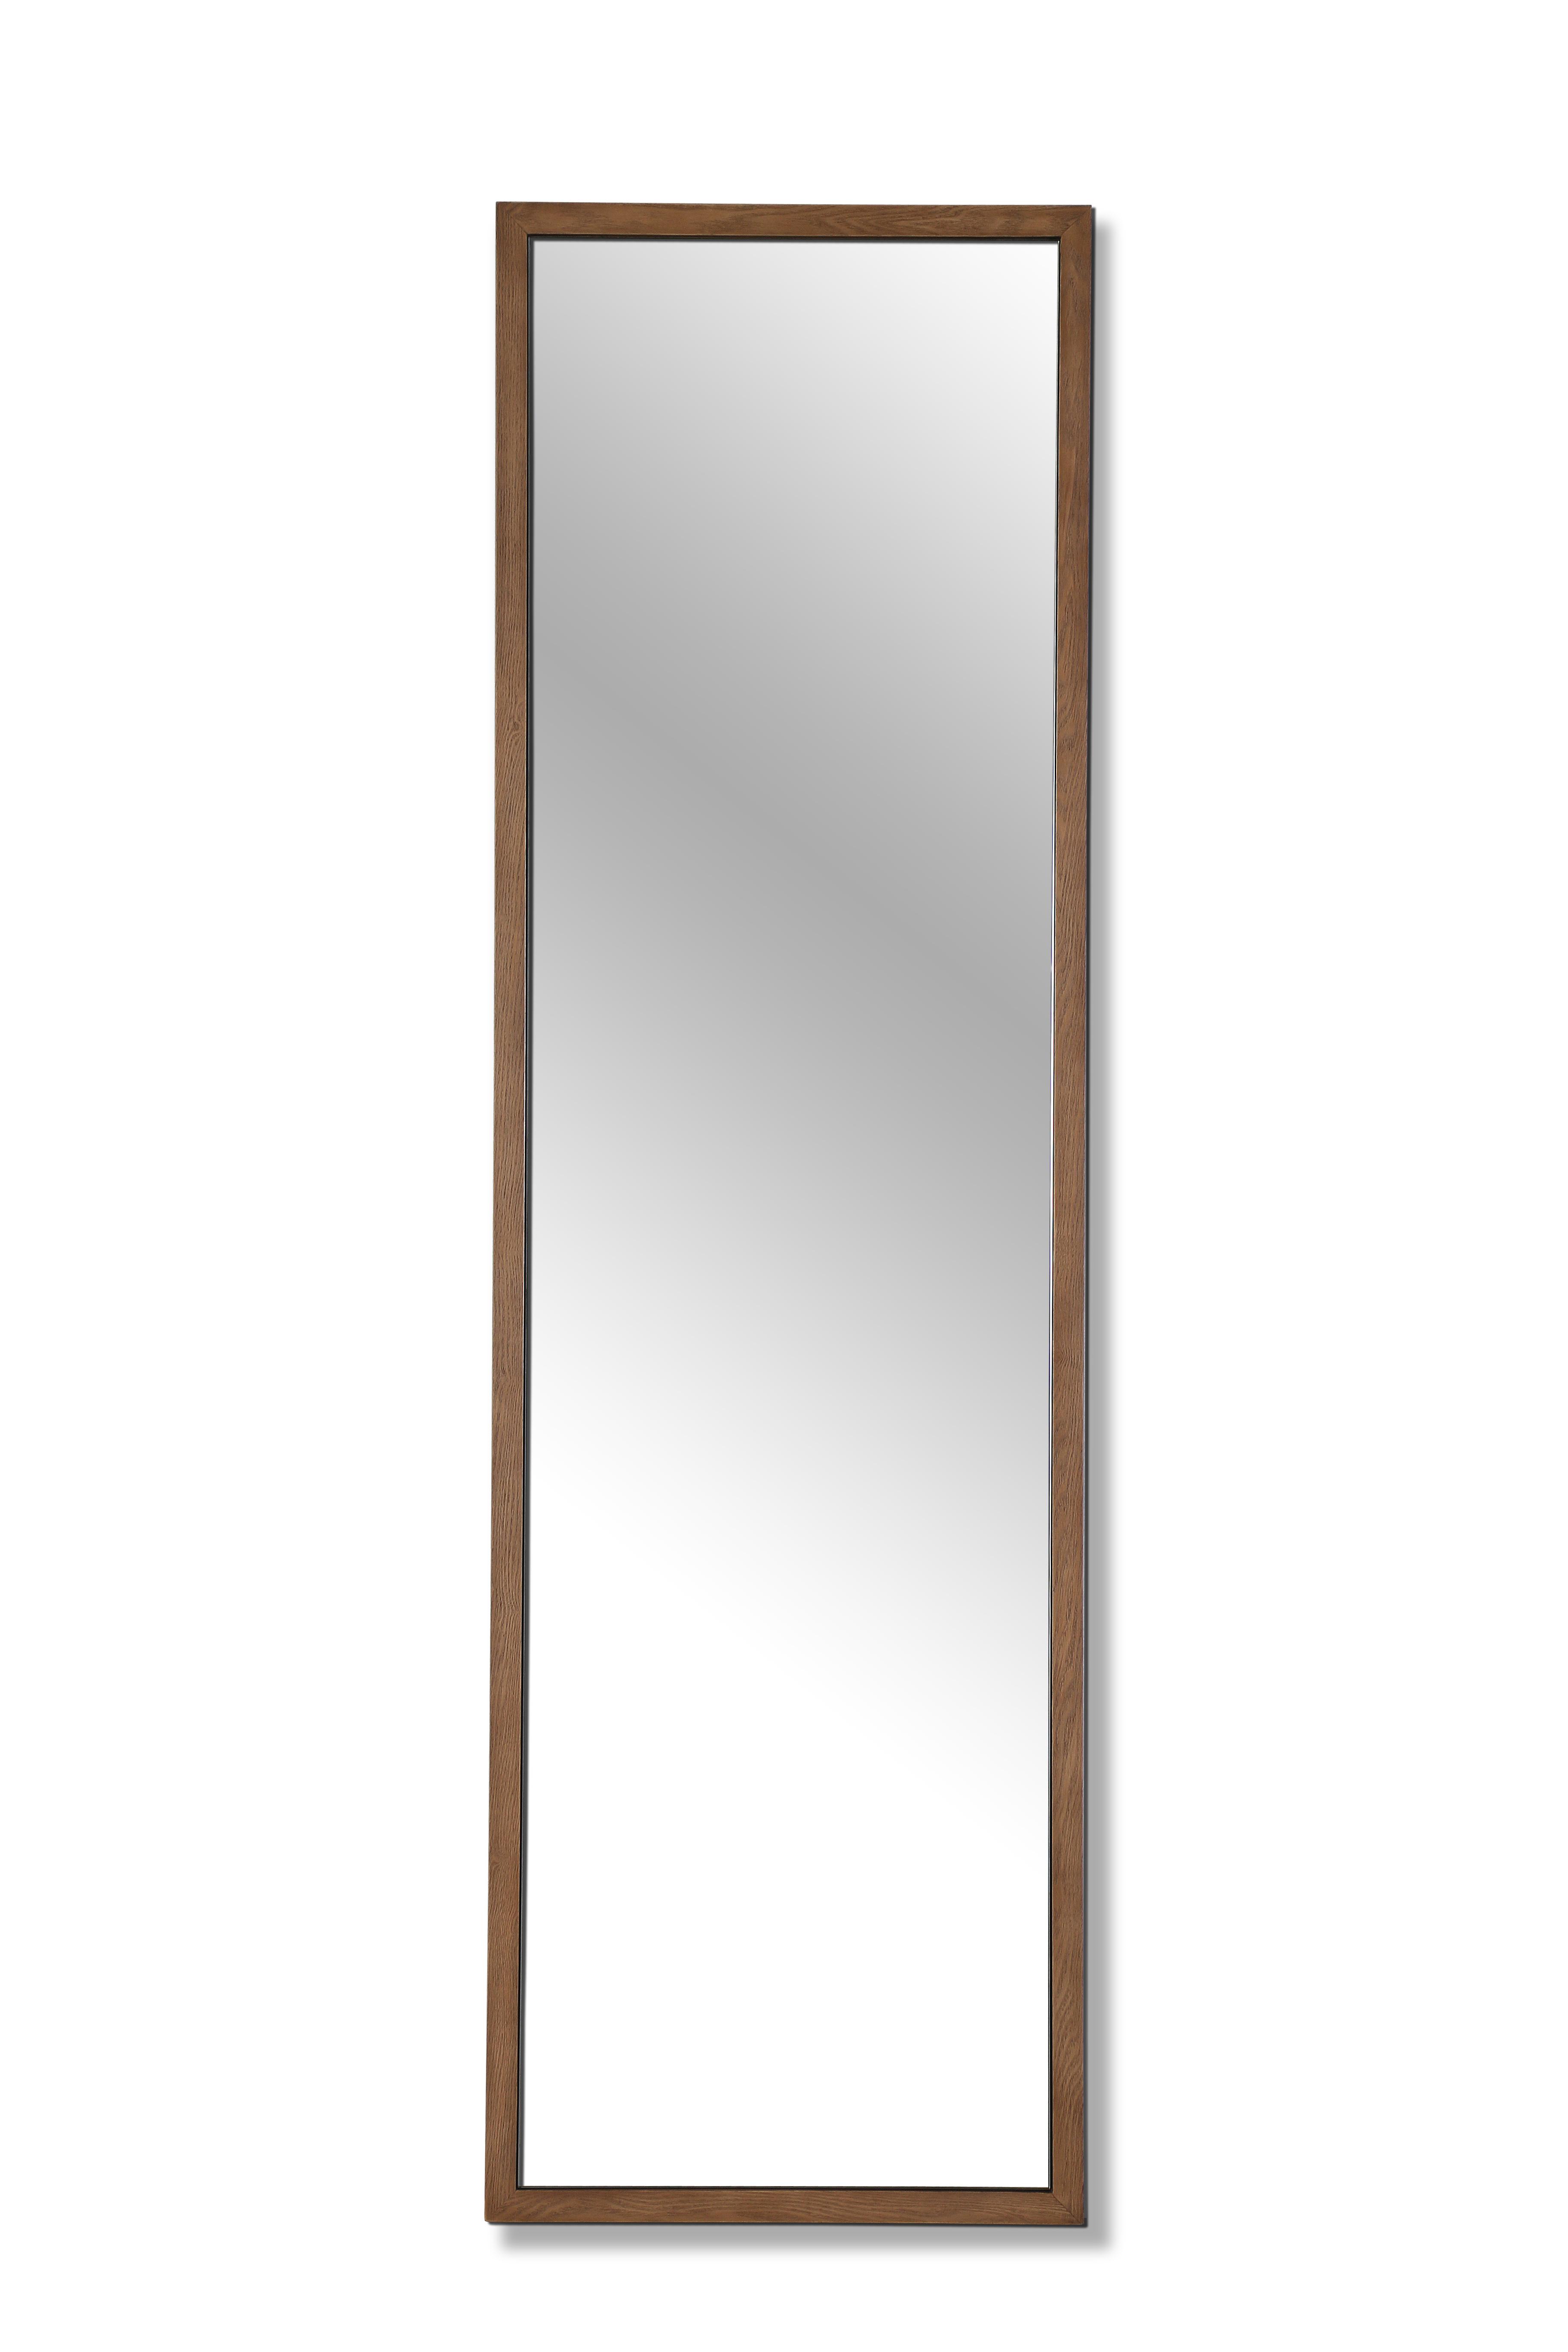 Mirror MR-03